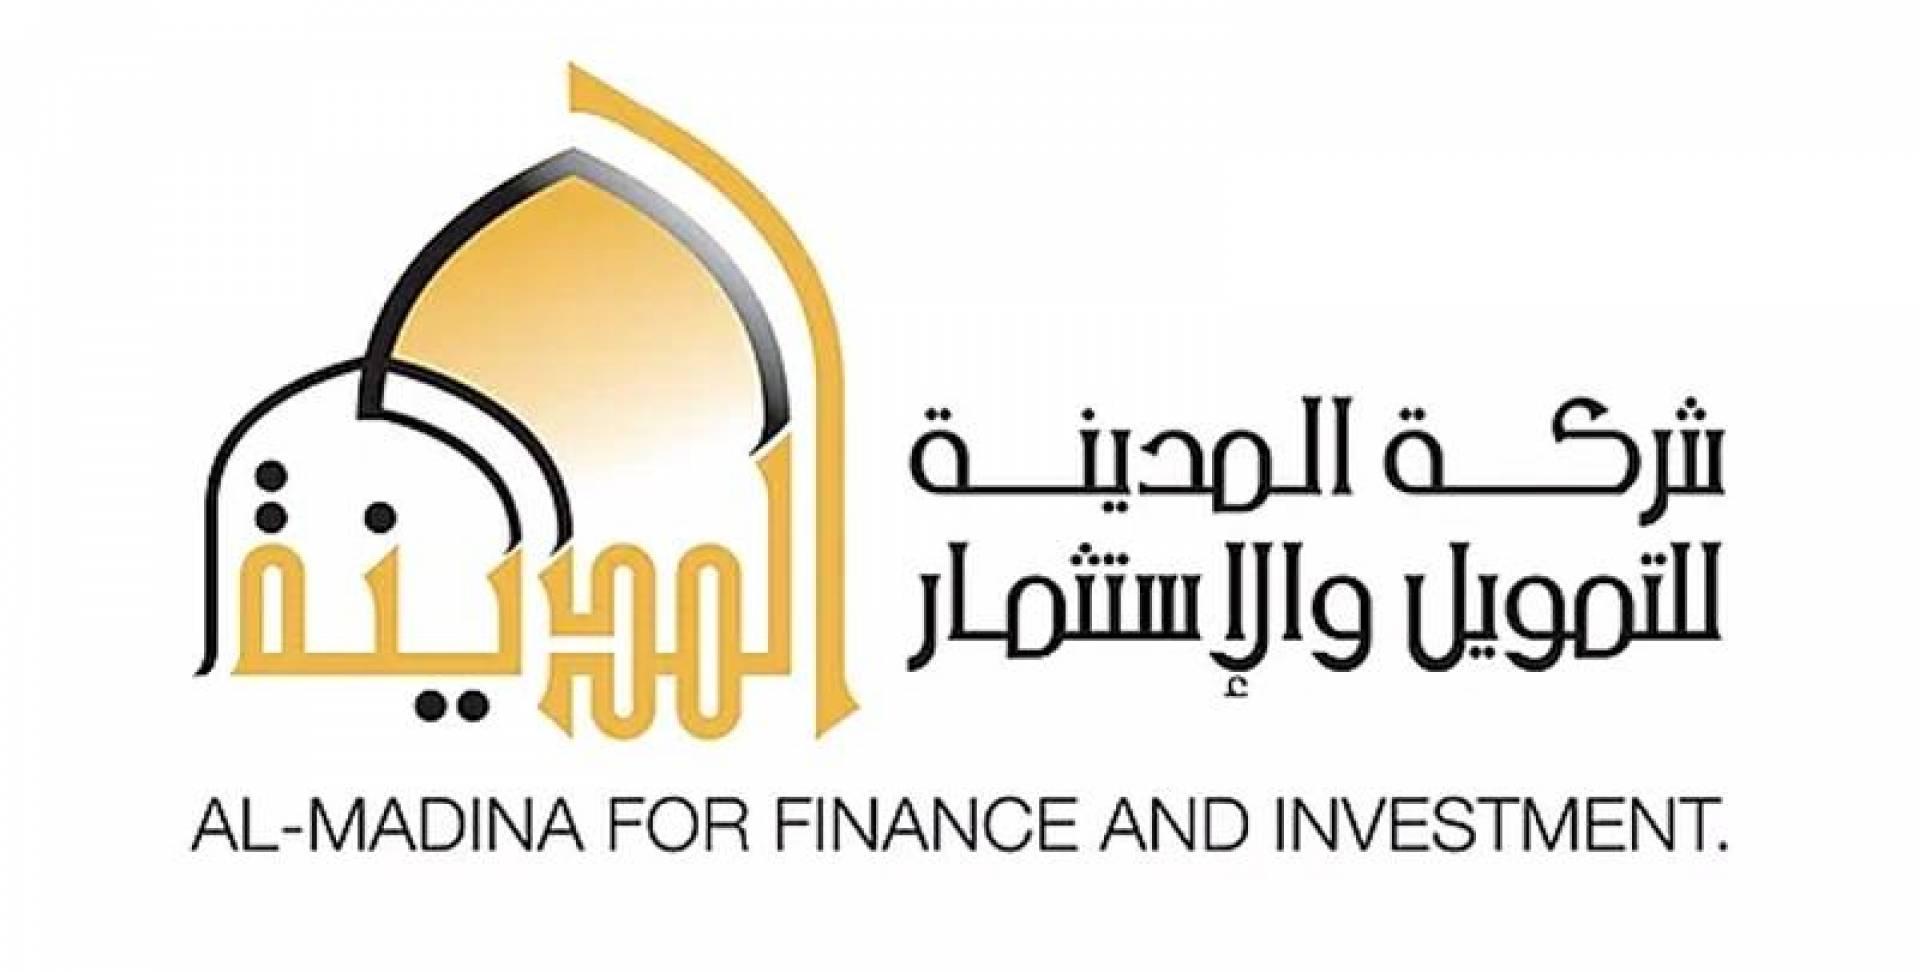 الكويت تلغي ترخيص شركة المدينة للتمويل